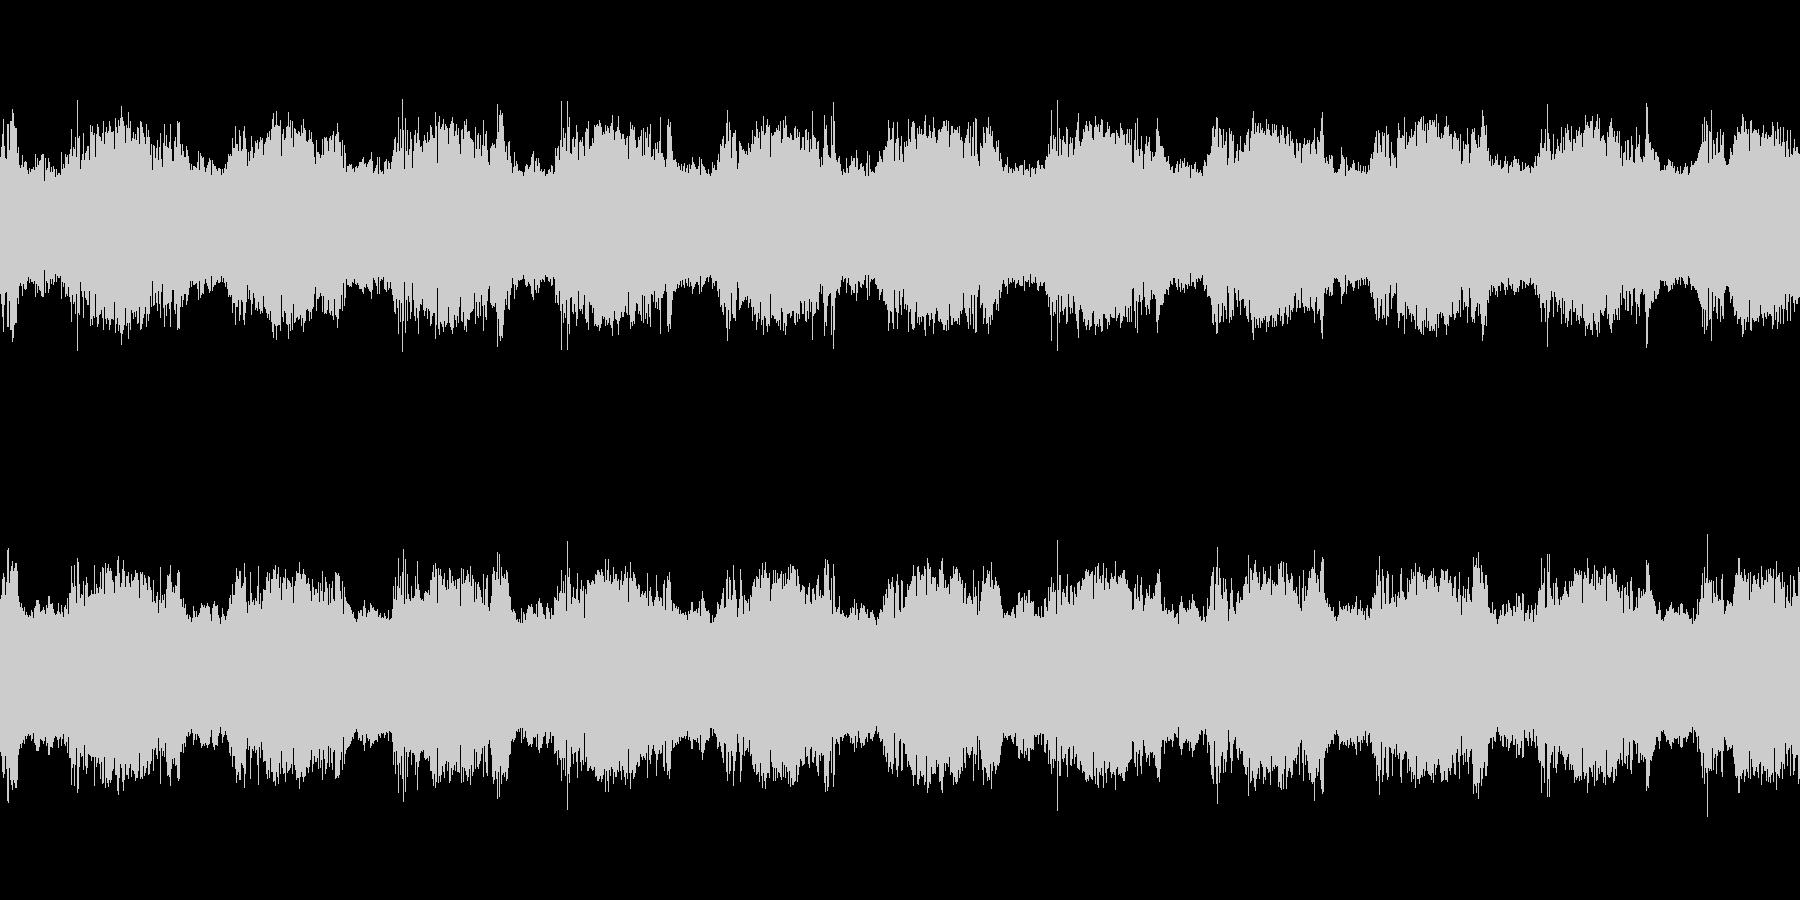 ギュイーン(必殺技を打ち込む音)の未再生の波形